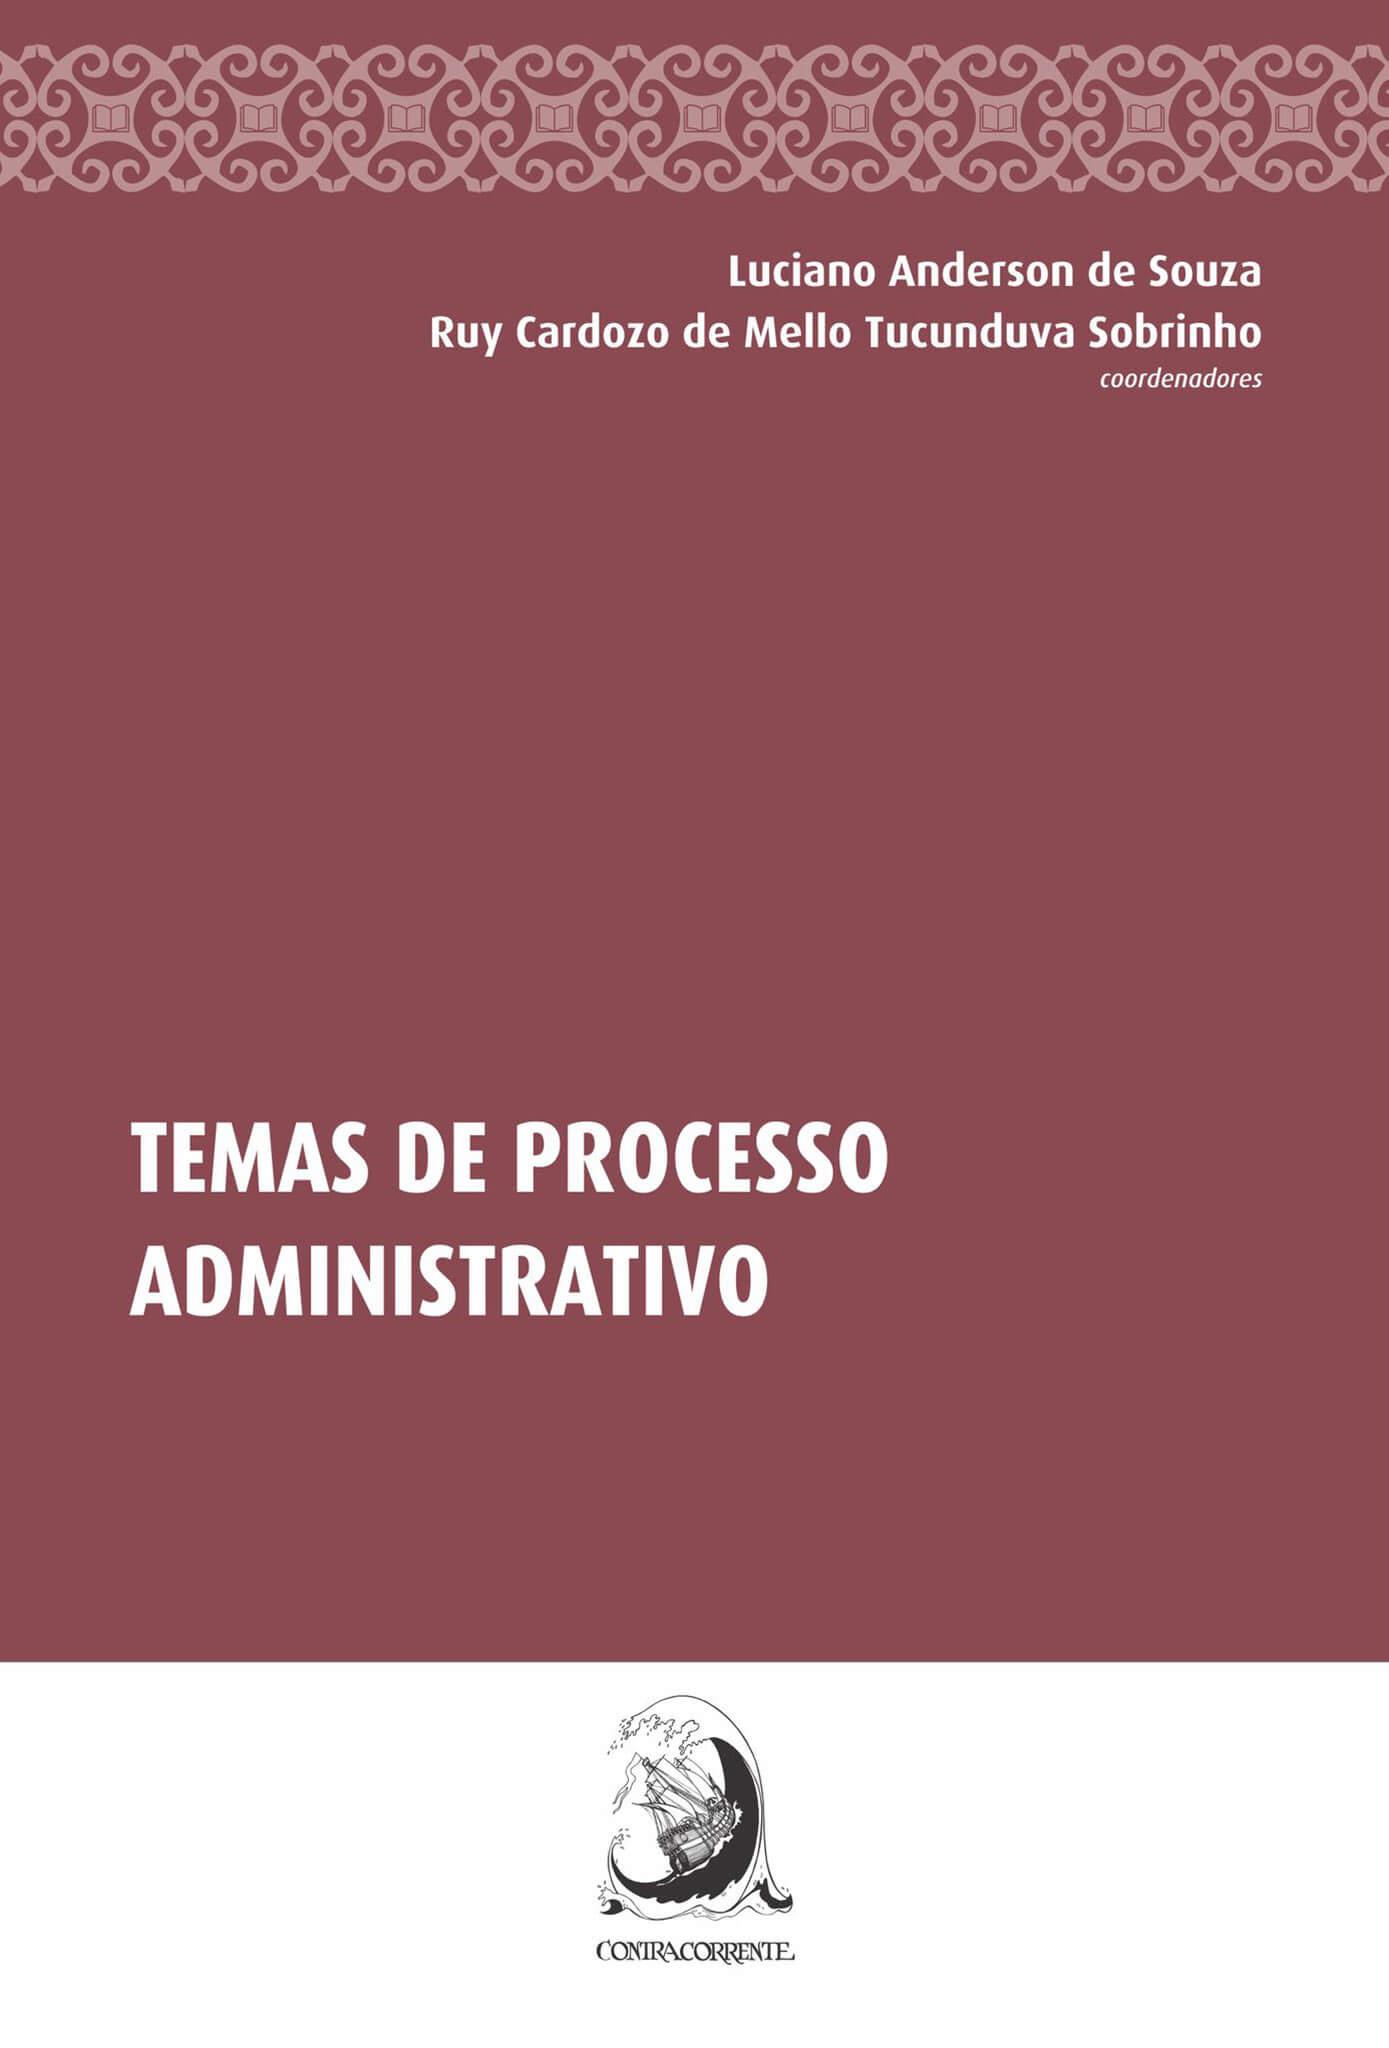 Temas de processo administrativo, livro de Luciano Anderson de Souza, Ruy Cardozo Tucunduva Sobrinho (orgs.)